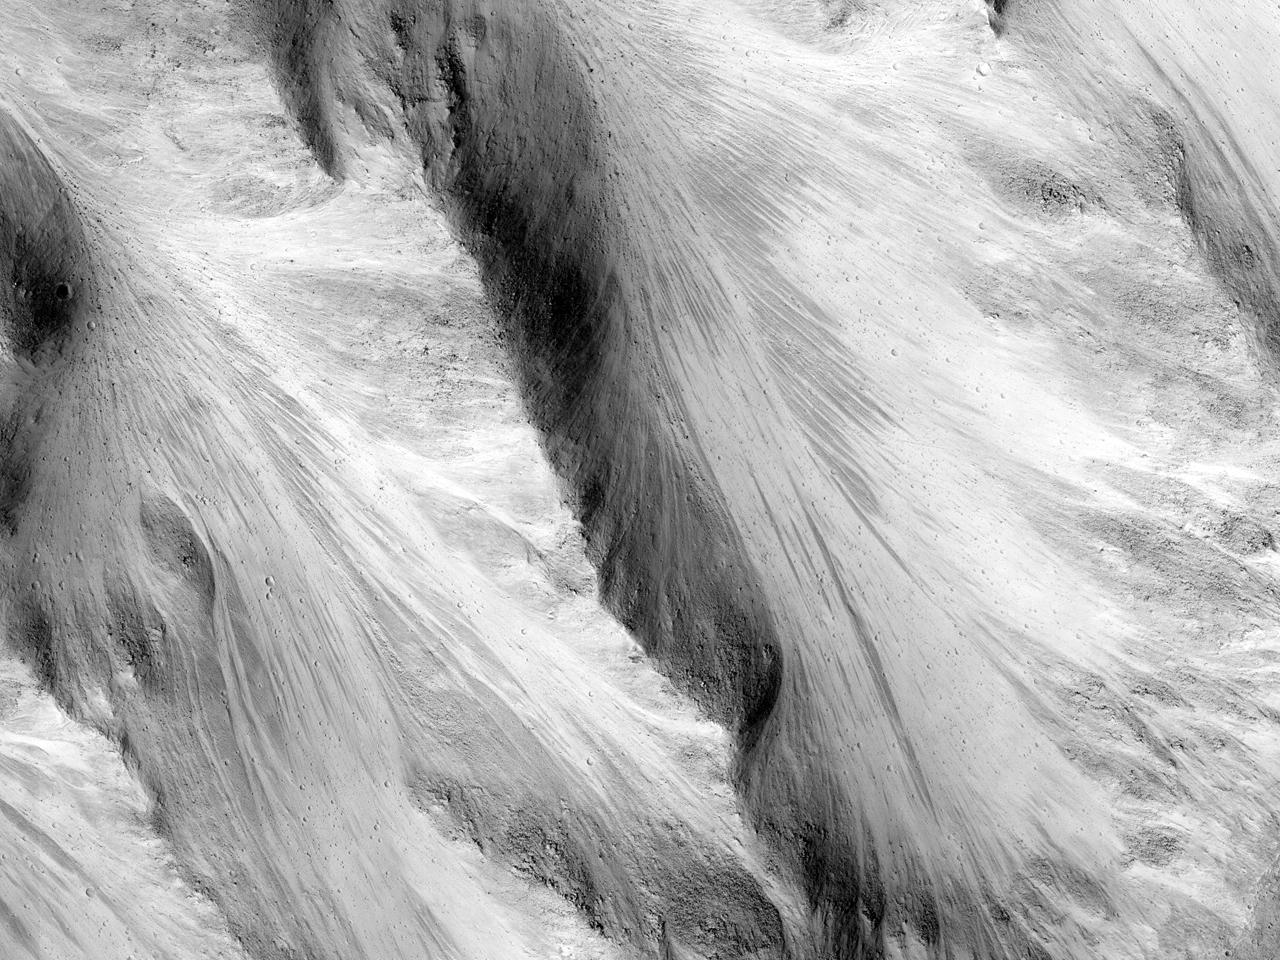 مواد رسوبية قاتمة في وادي شالبتانا (Shalbatana)